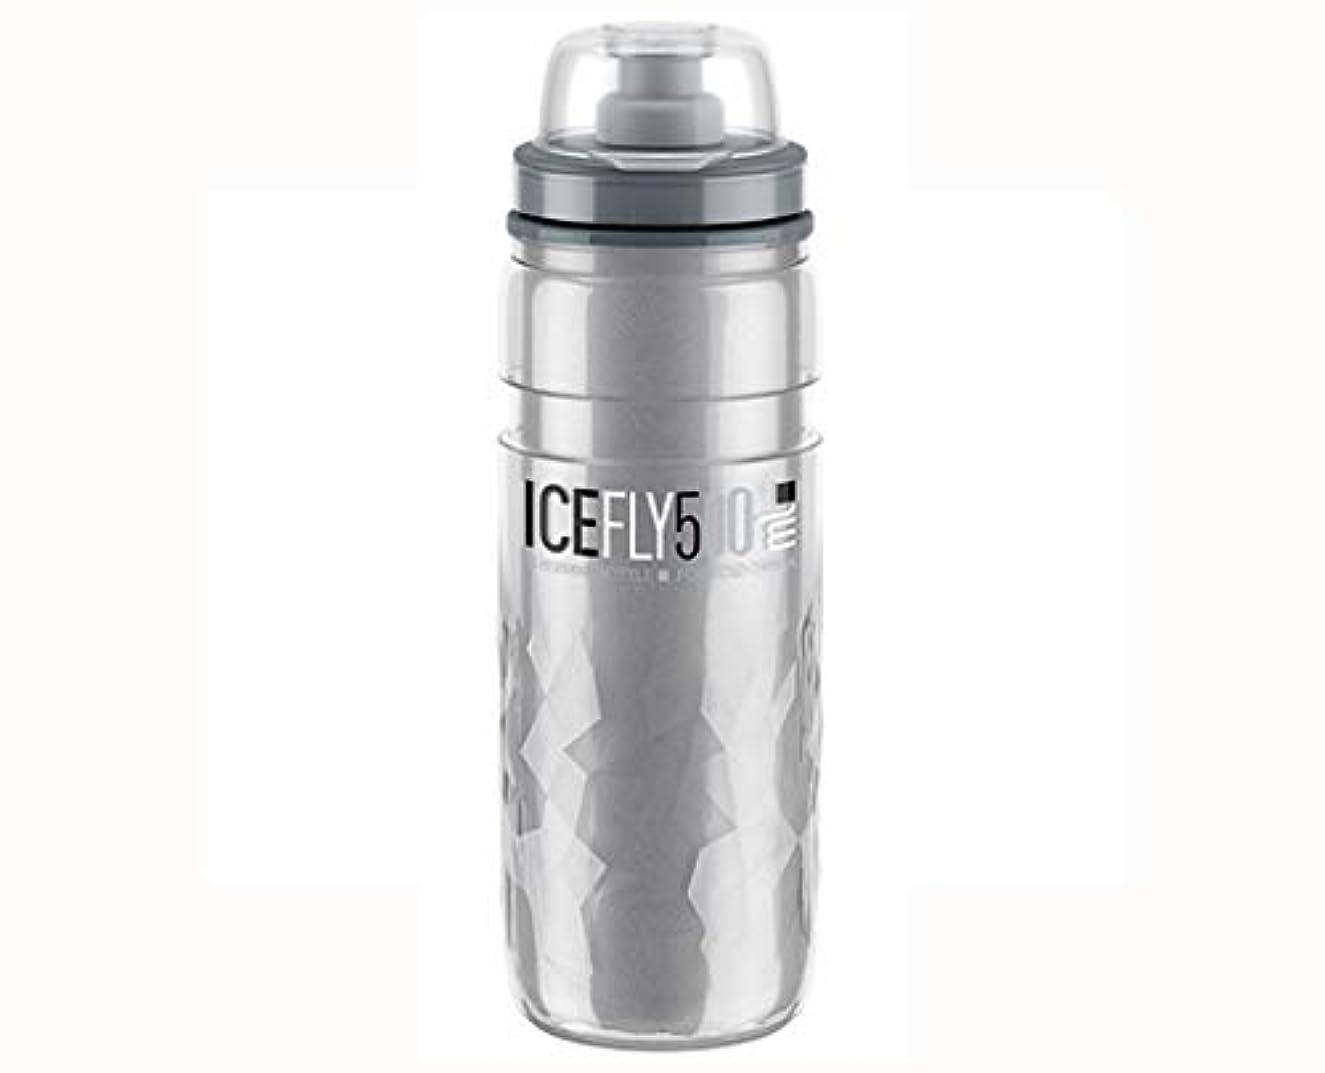 昼食ディスク噴出するELITE(エリート) ICE FLY サーモボトル 500ml [スモーク ]